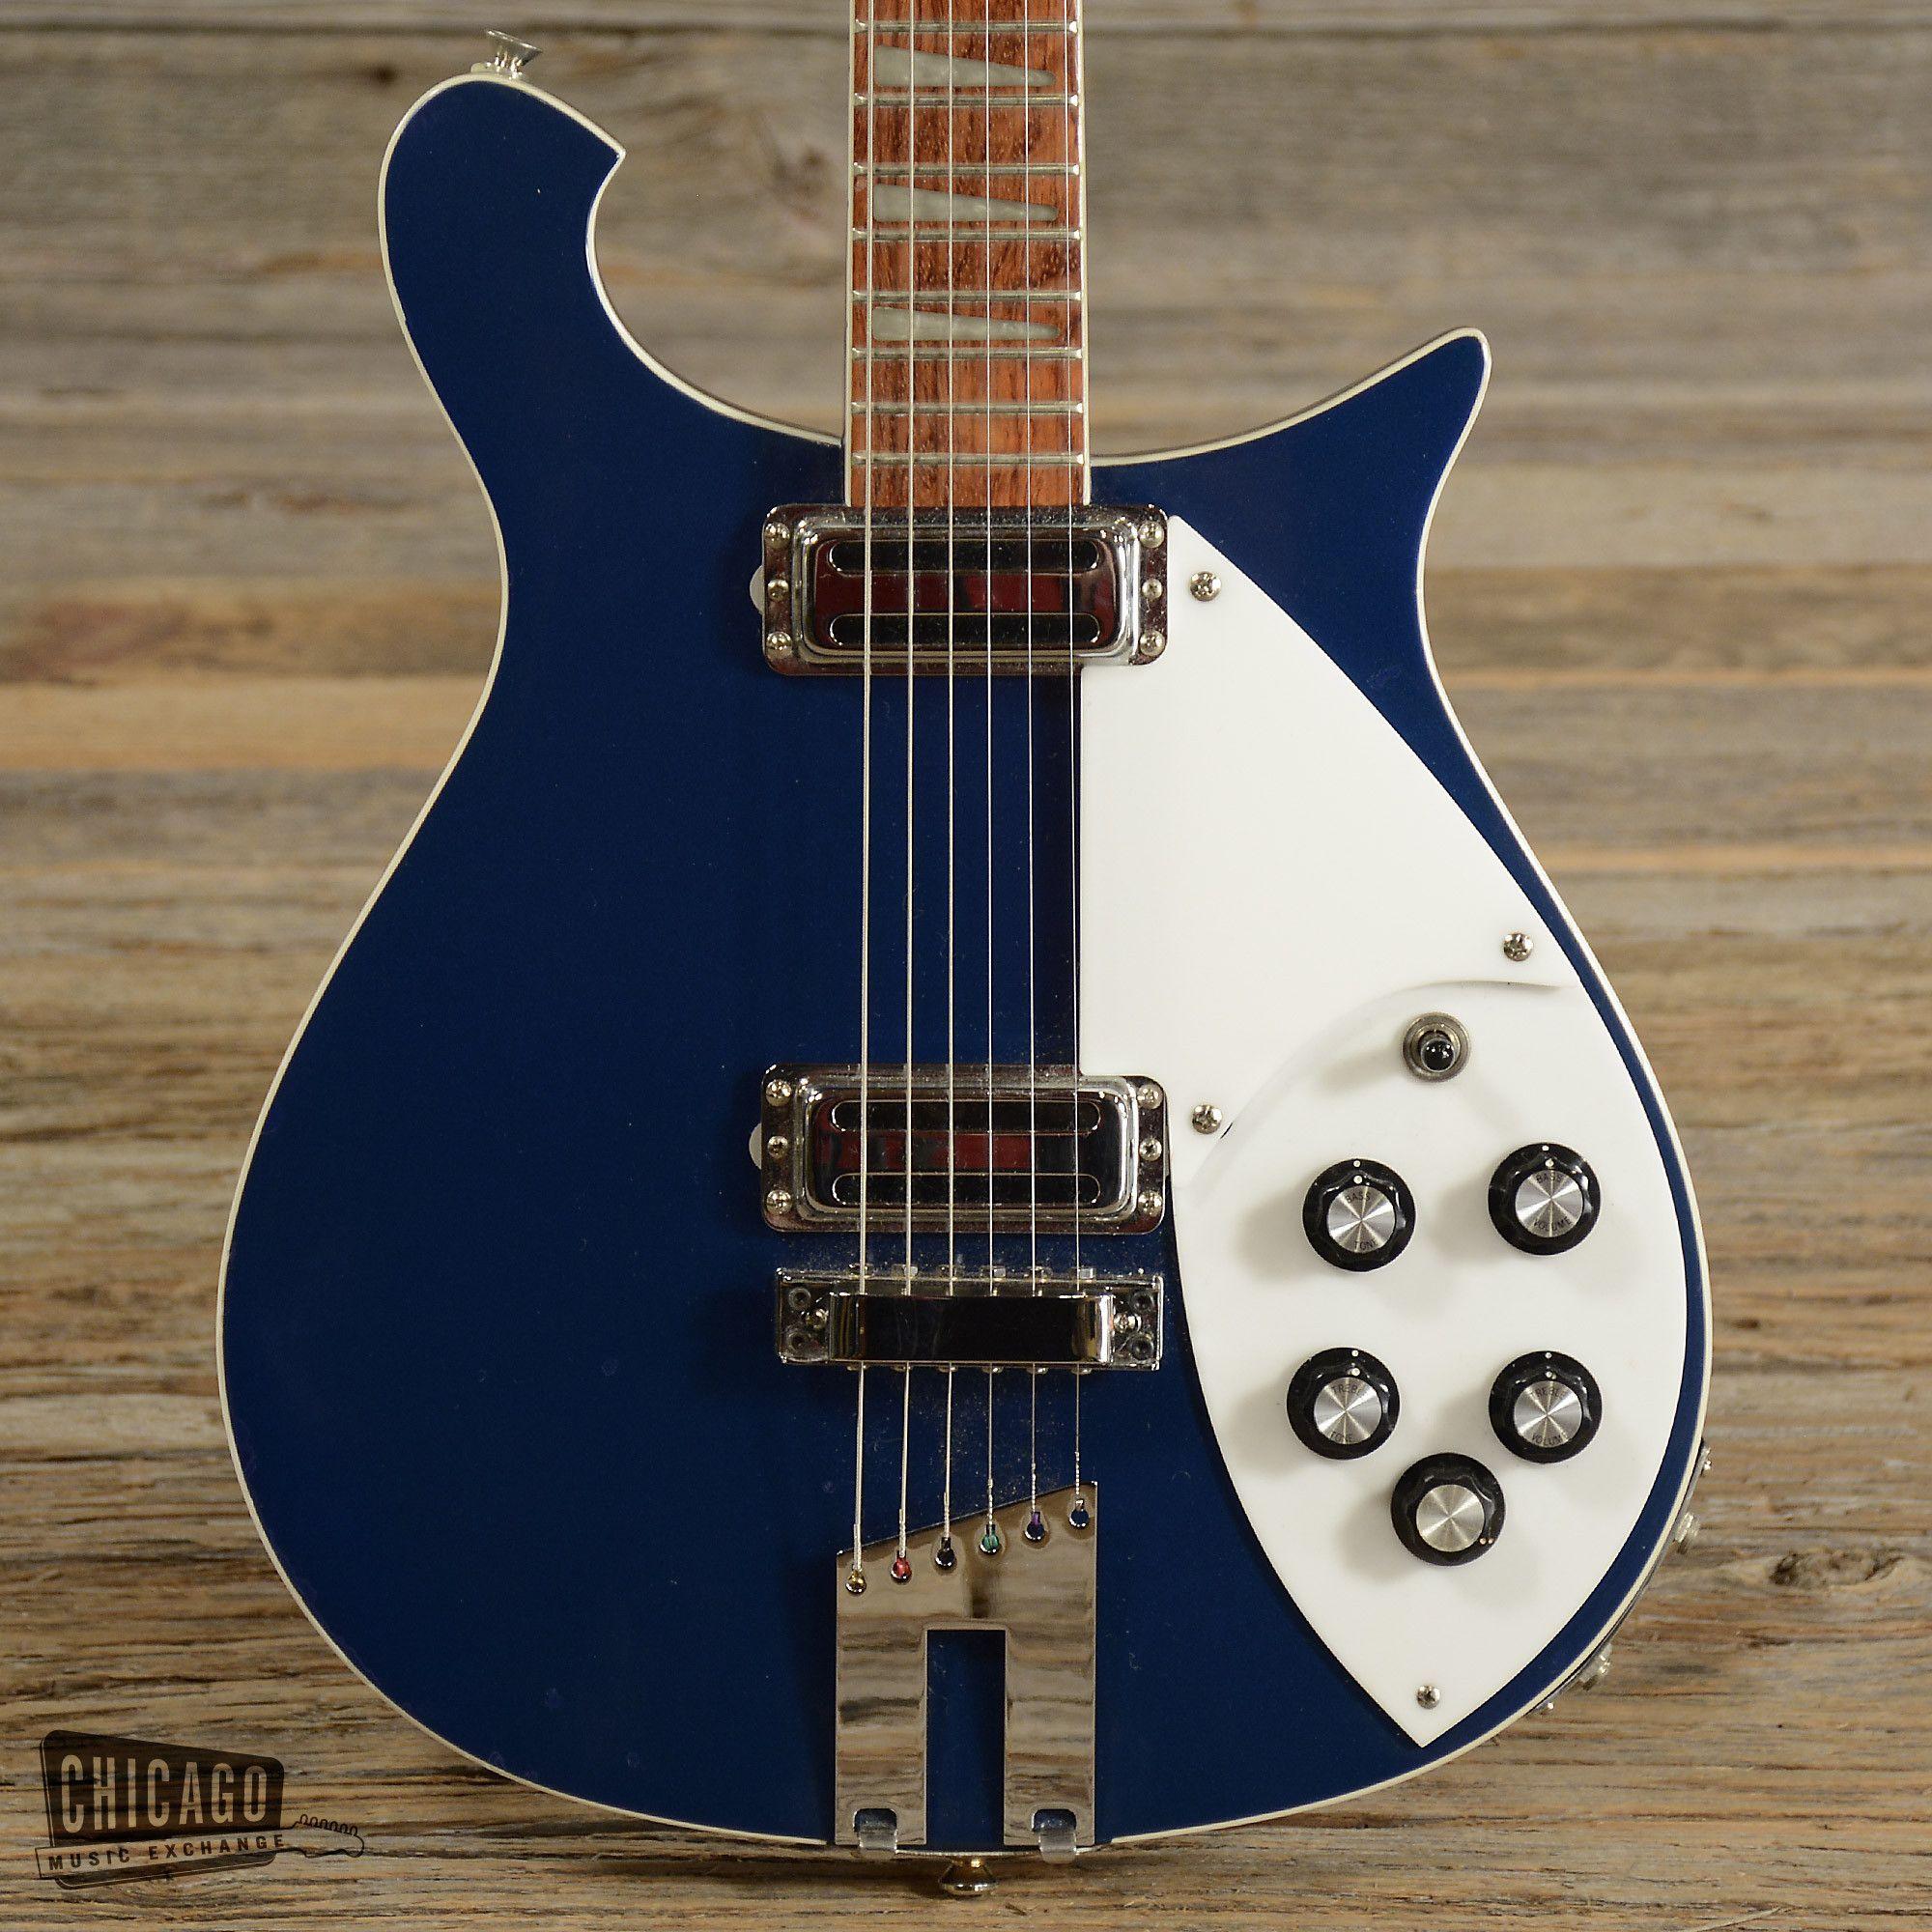 Rickenbacker 620 Midnight Blue 1980s Midnight Blue Chicago Shopping Guitar